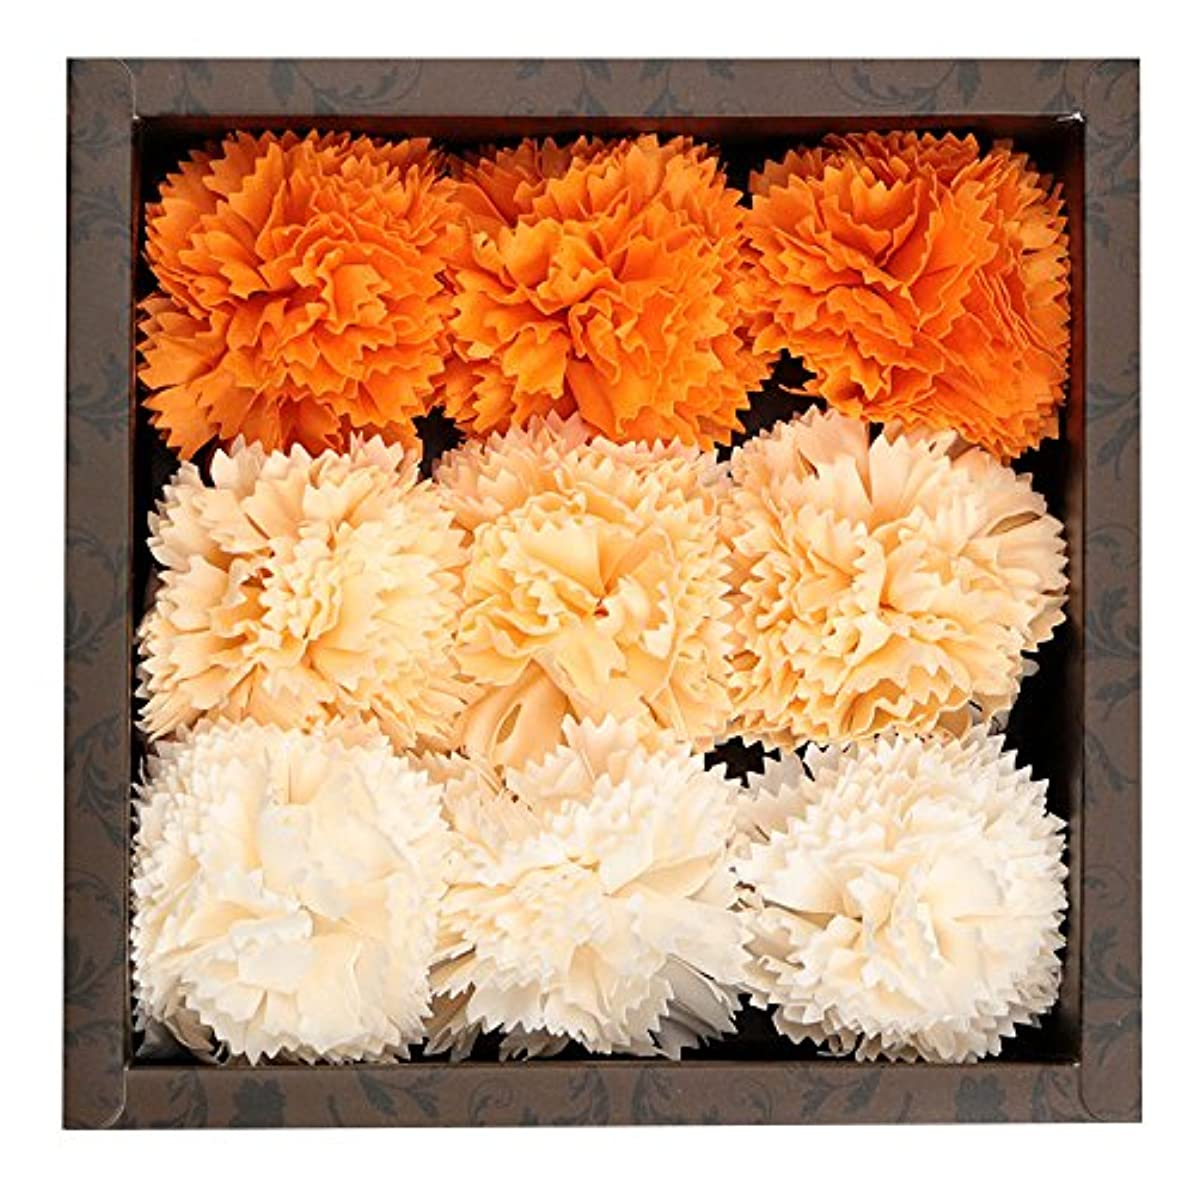 差果てしないキャリア(キステ)Kisste 入浴剤 フラワーフレグランス*Carnation*~石鹸の香り~ 5-3-01955